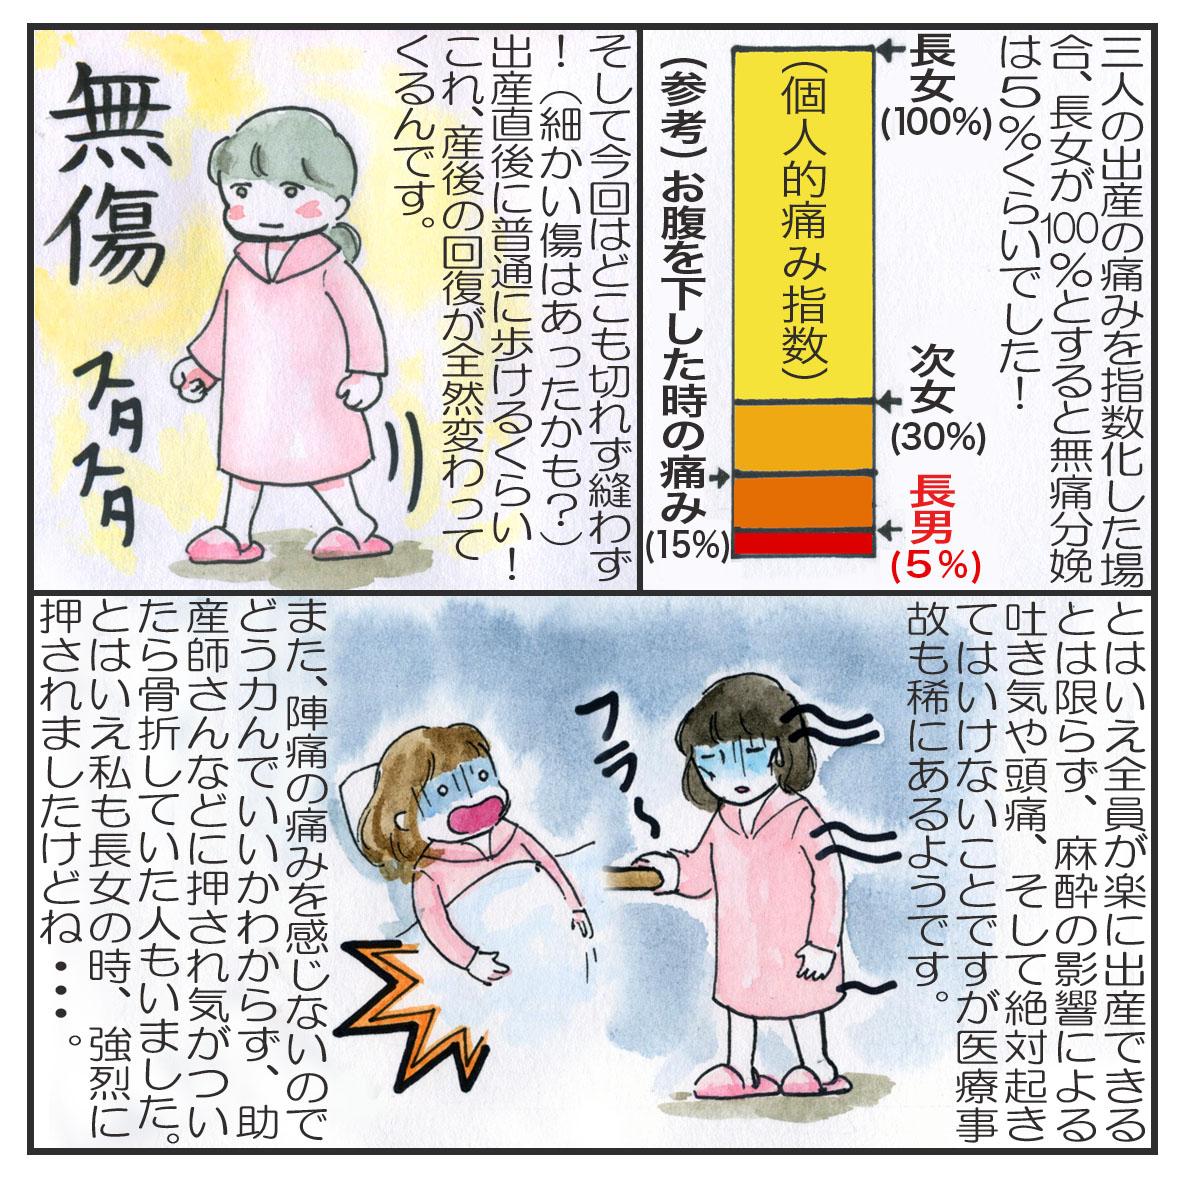 無痛分娩体験記10